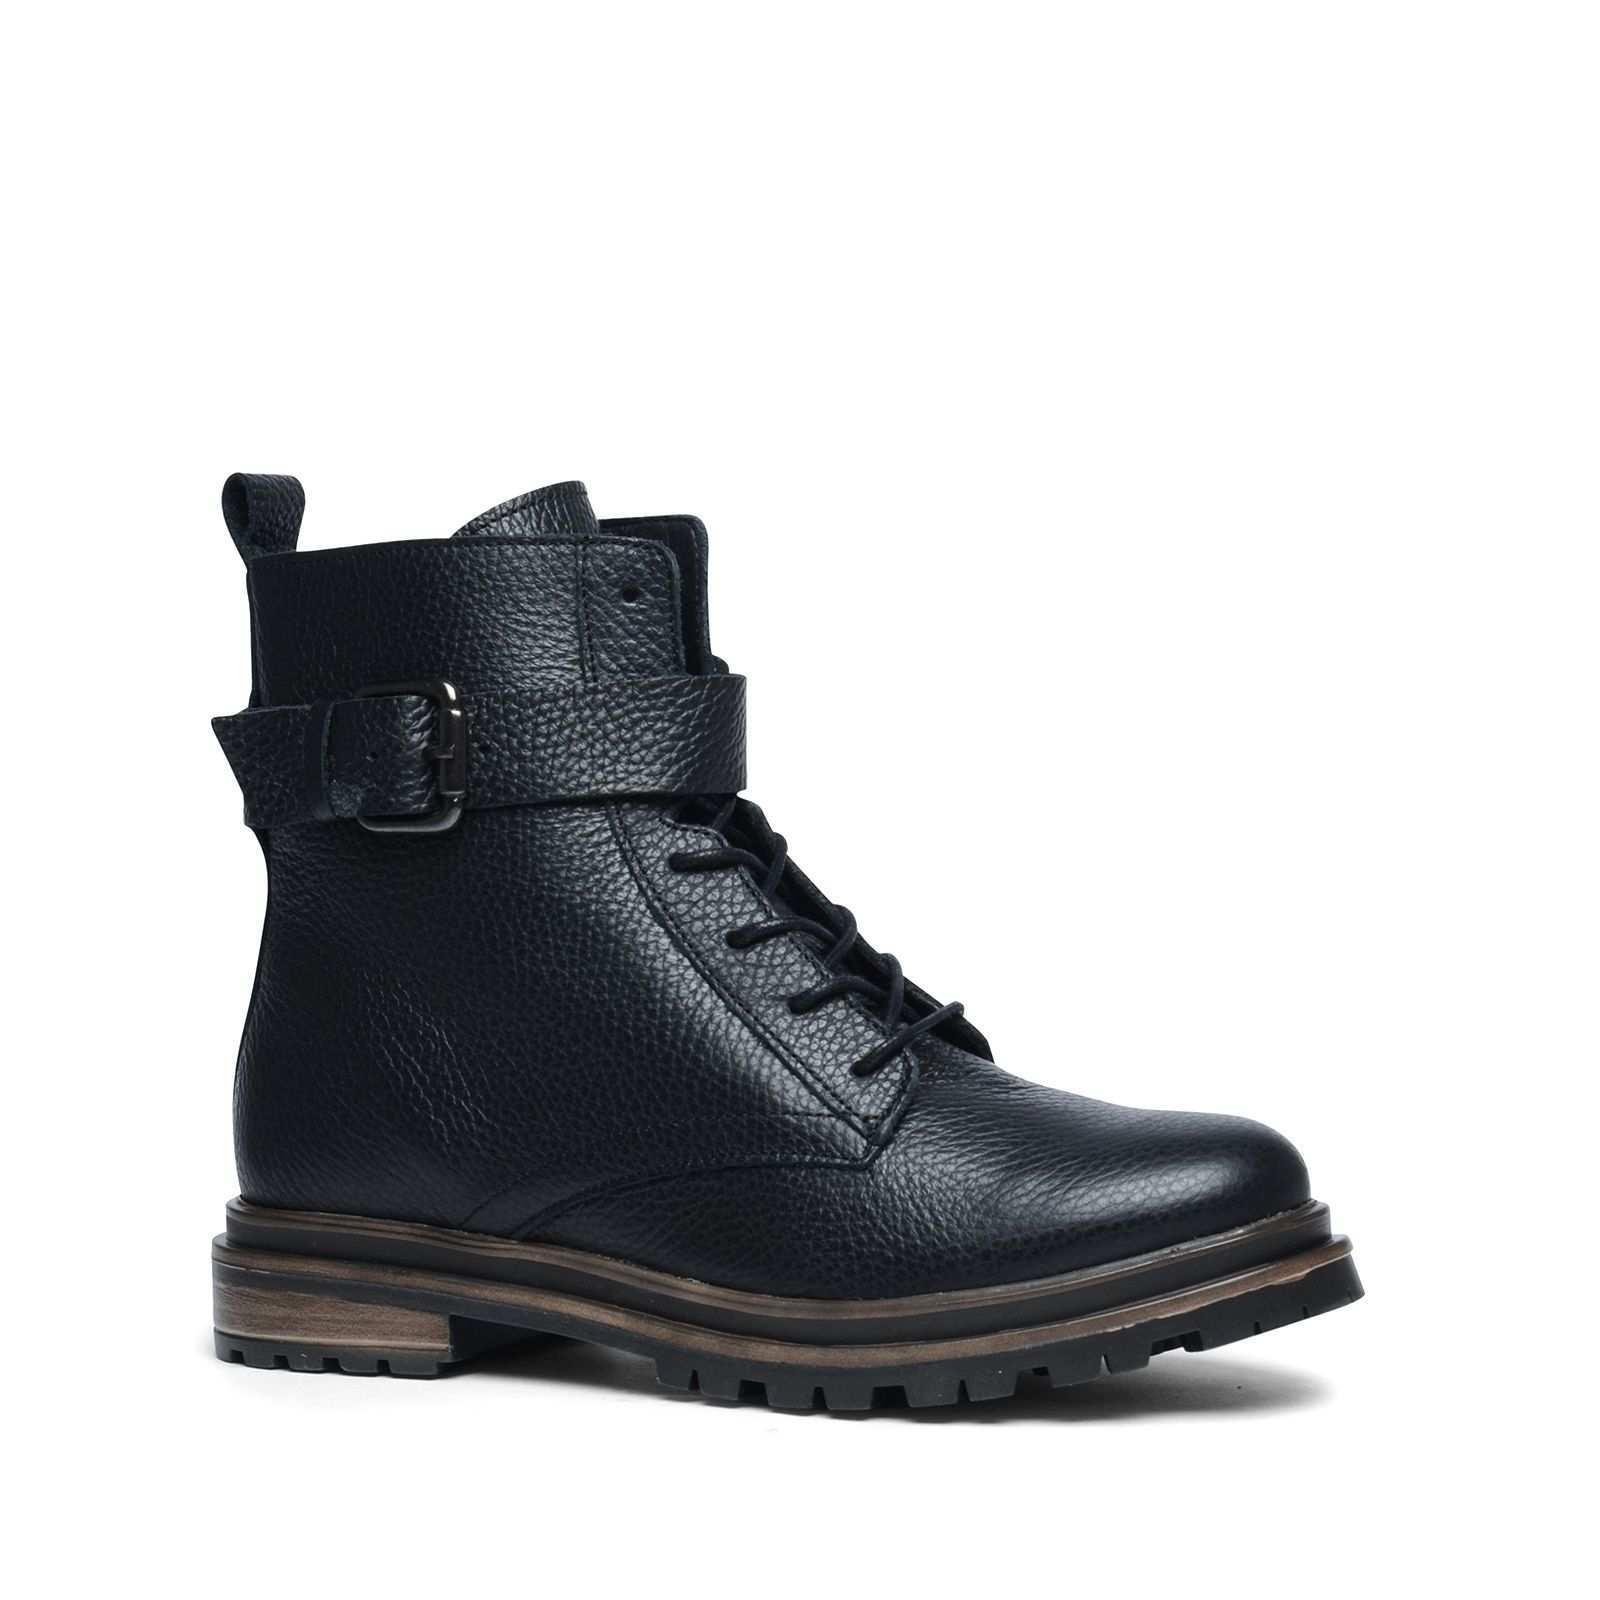 Schwarze Schnurstiefel Mit Schnalle Schuhe Damen Damenschuhe Schnurstiefel